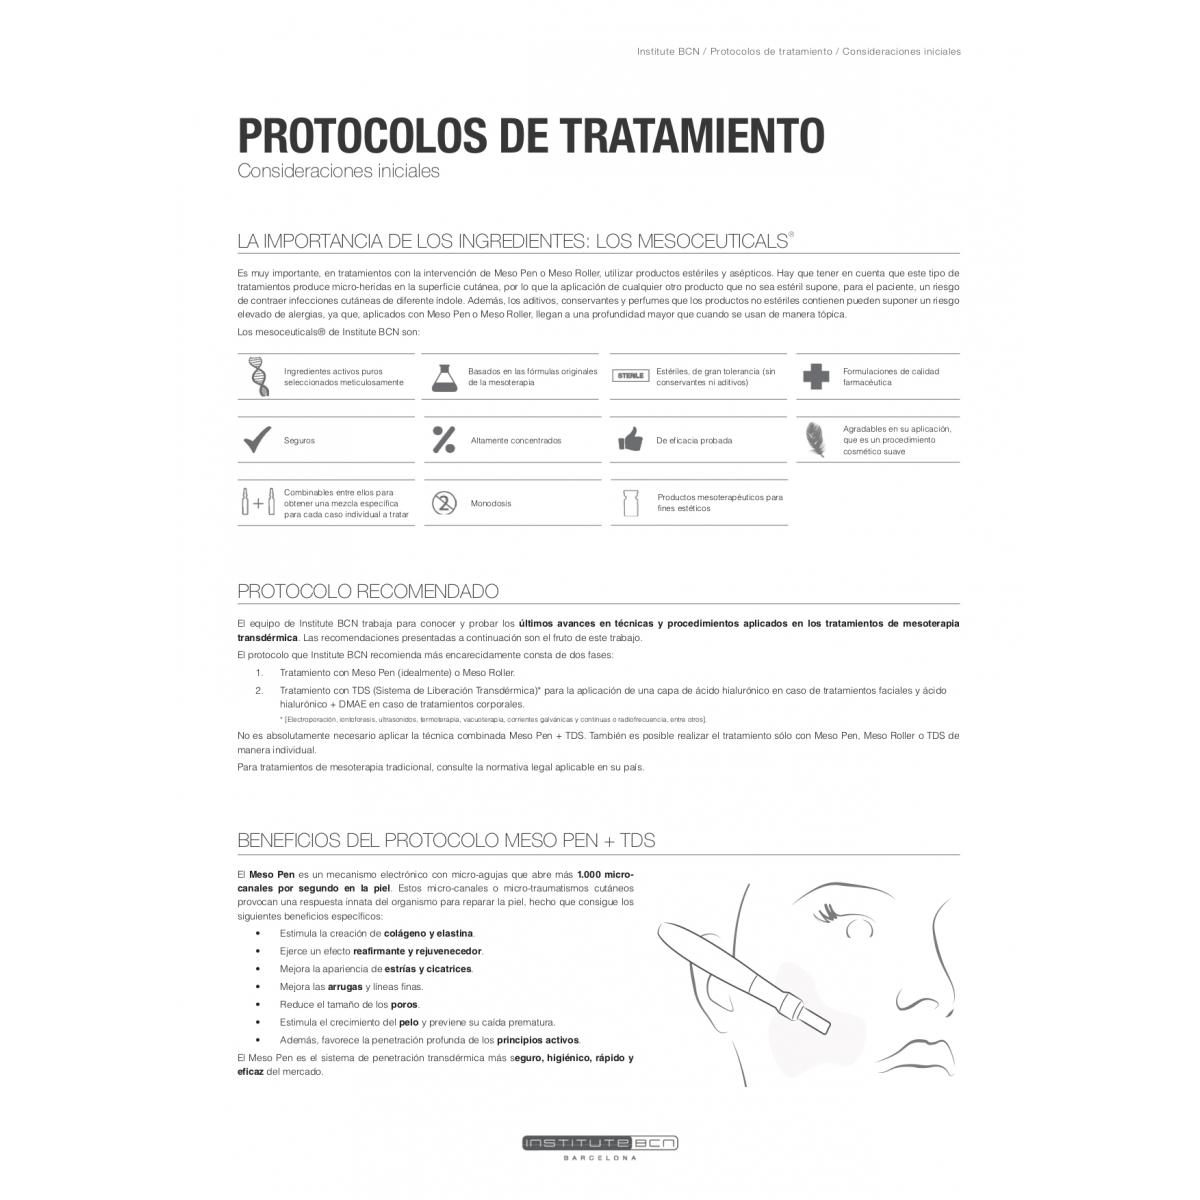 BCN Adipo Forte - Cocktail Lipolitica - Principi attivi - Institute BCN